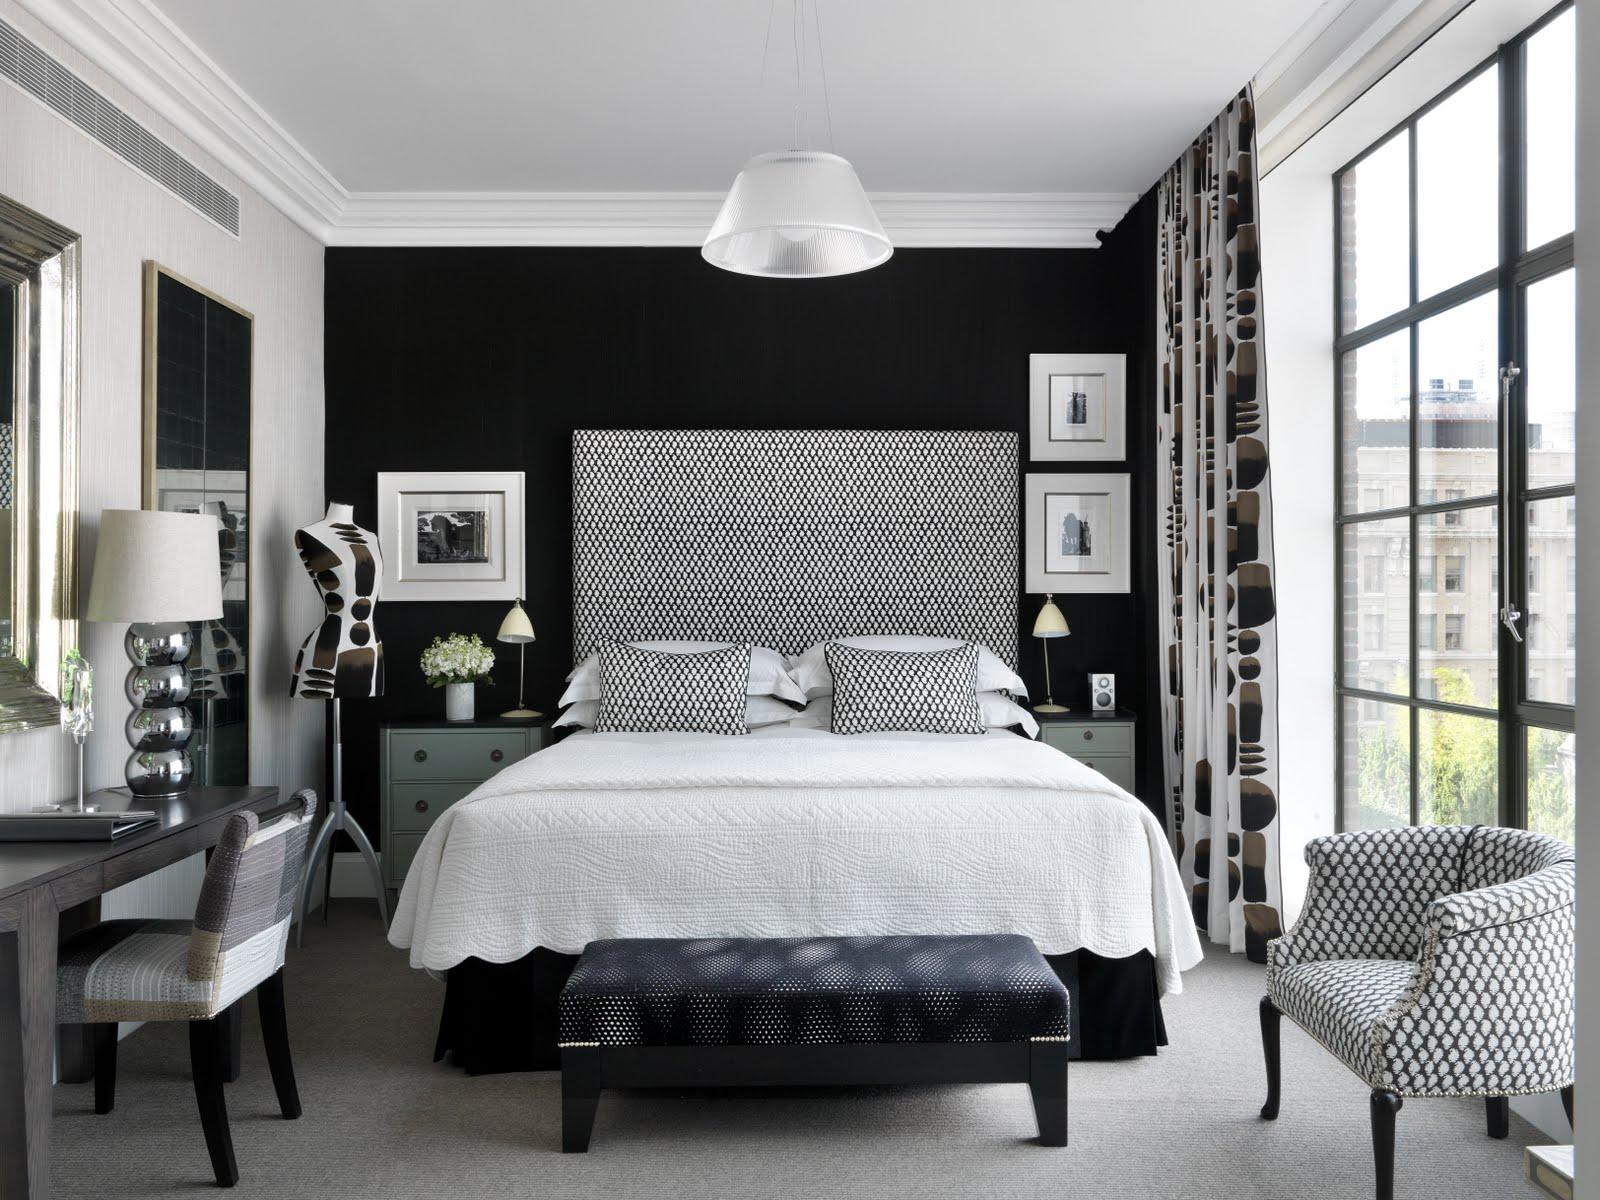 50 Лучших Идей Для Черно -белого Интерьера Спальни, Создаем Яркие Акценты